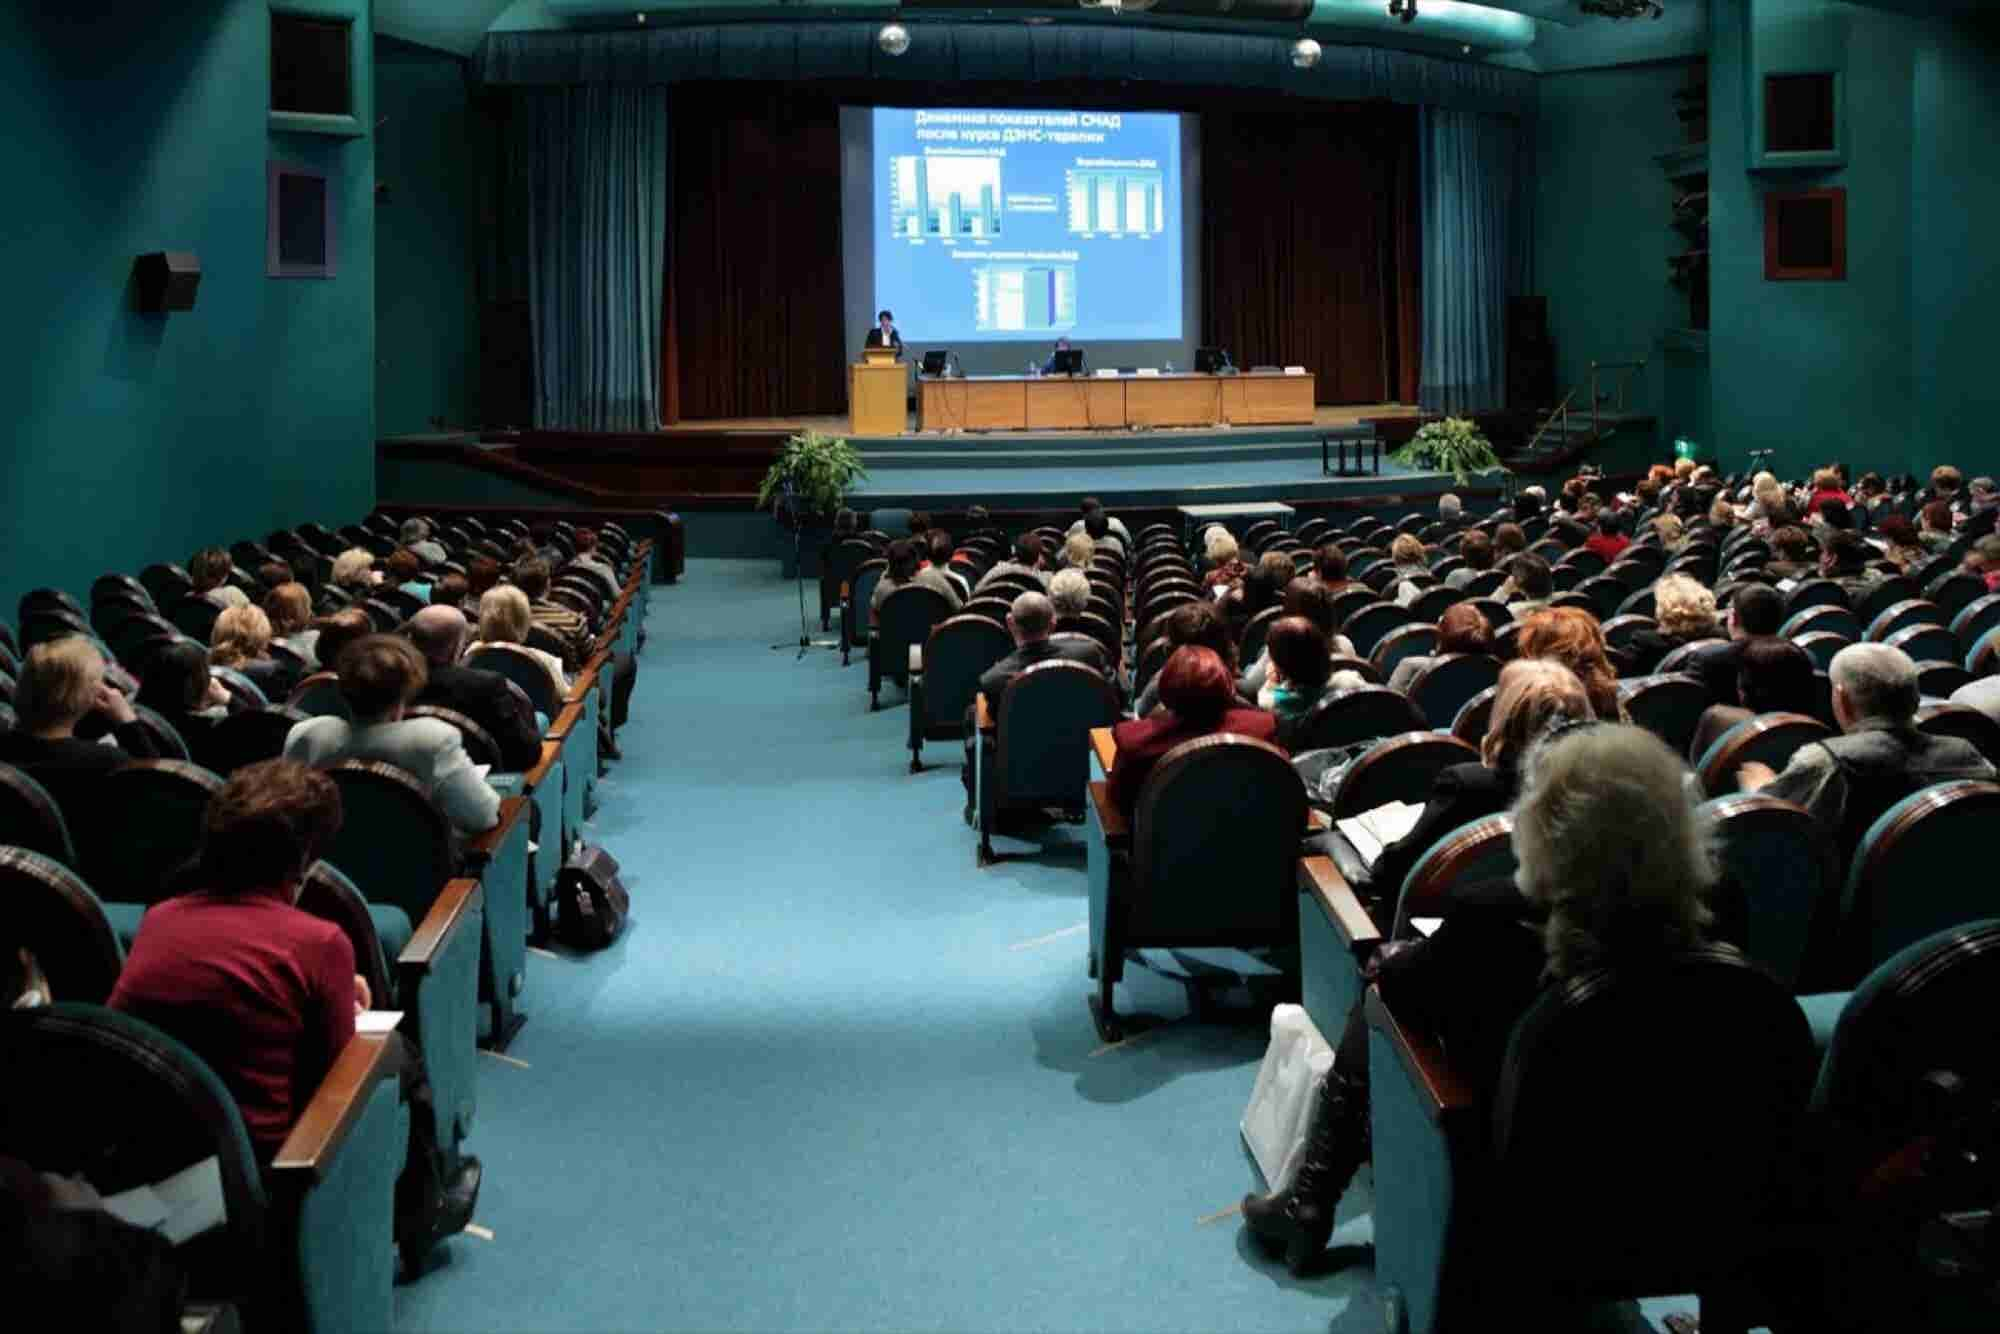 Agenda Entrepreneur en la Feria Internacional de Franquicias 2018